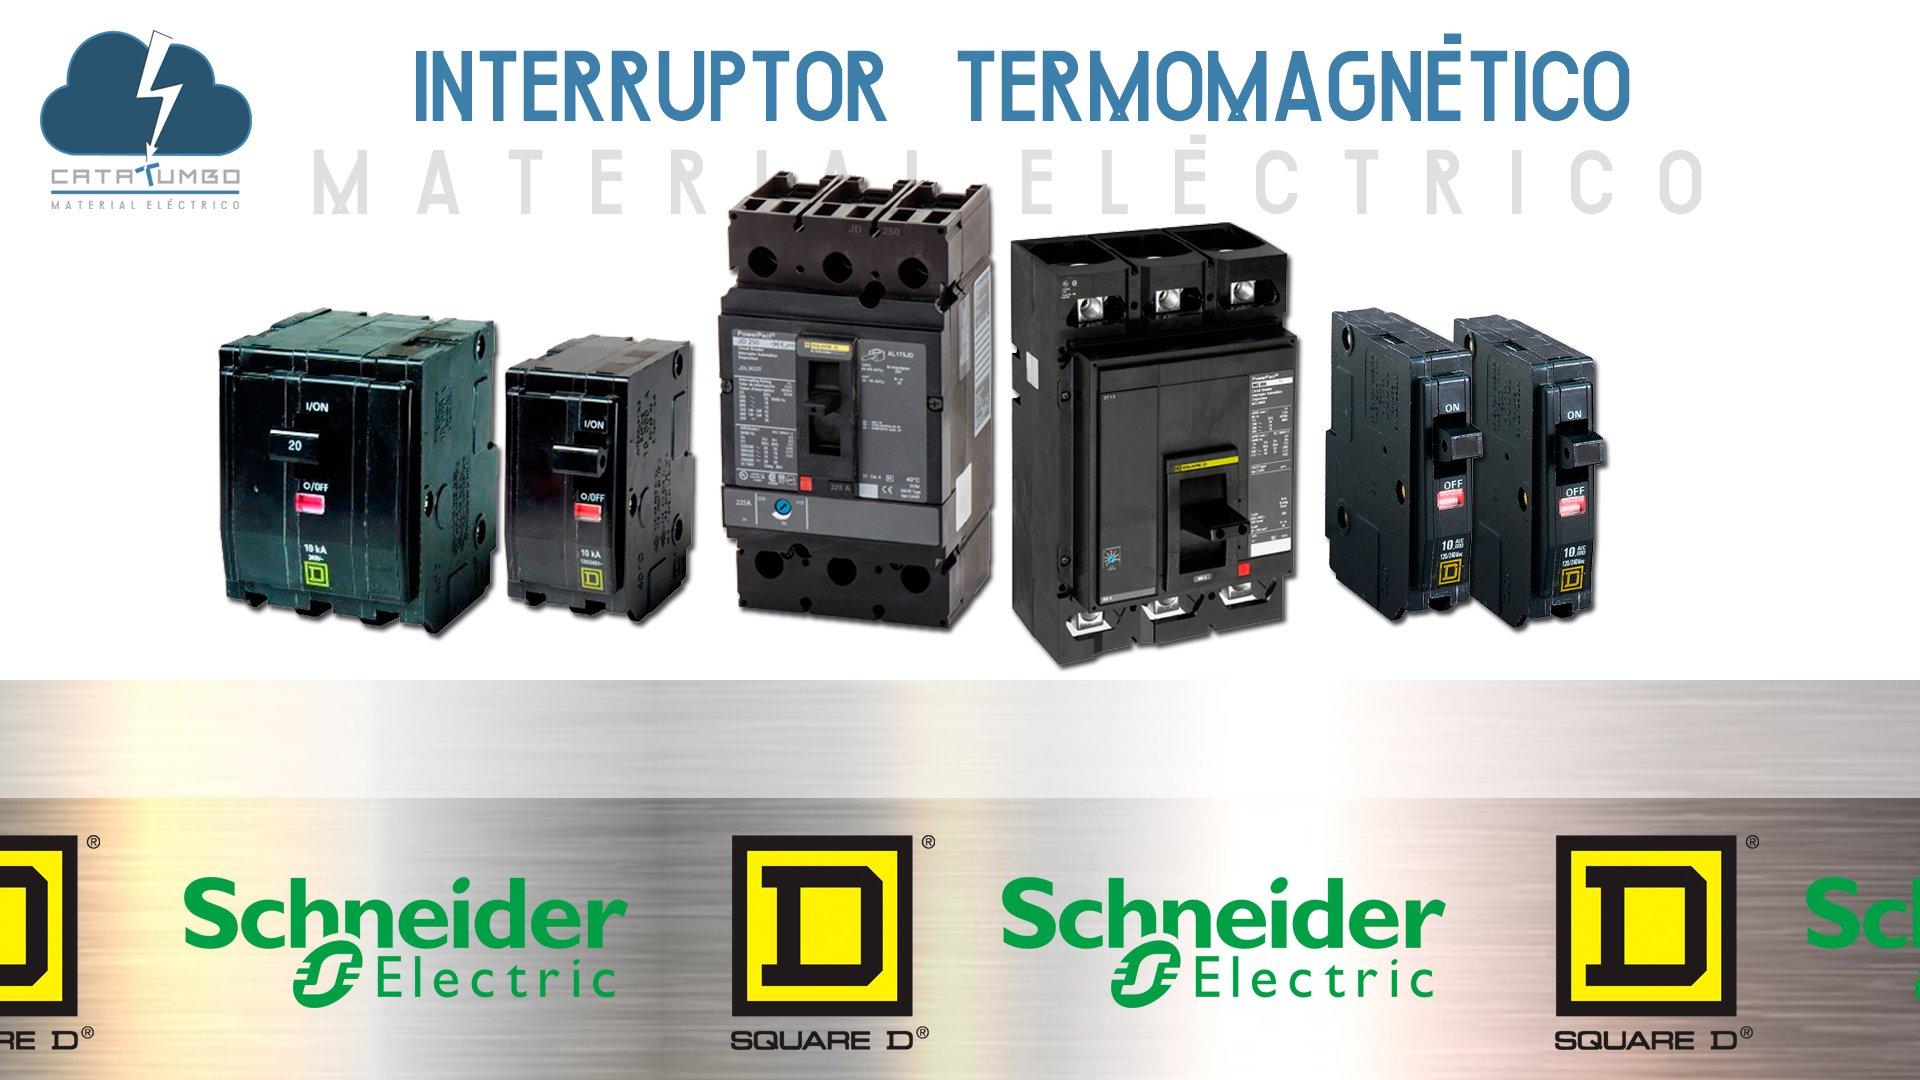 interruptor-termomagnético-square-d-schneider-electric-material-eléctrico-catatumbo